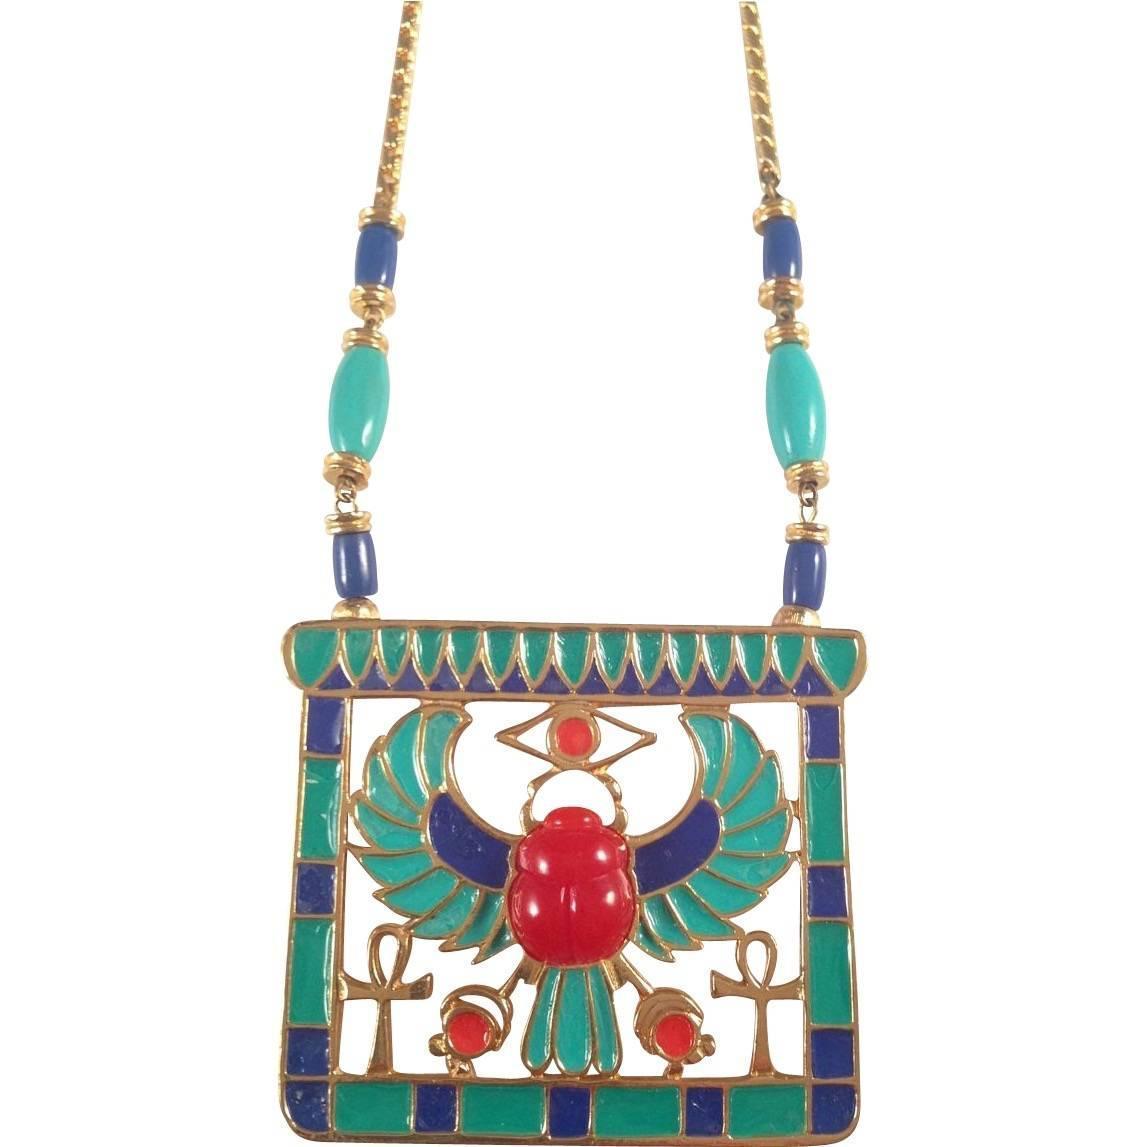 from Jefferson dating hattie carnegie jewelry